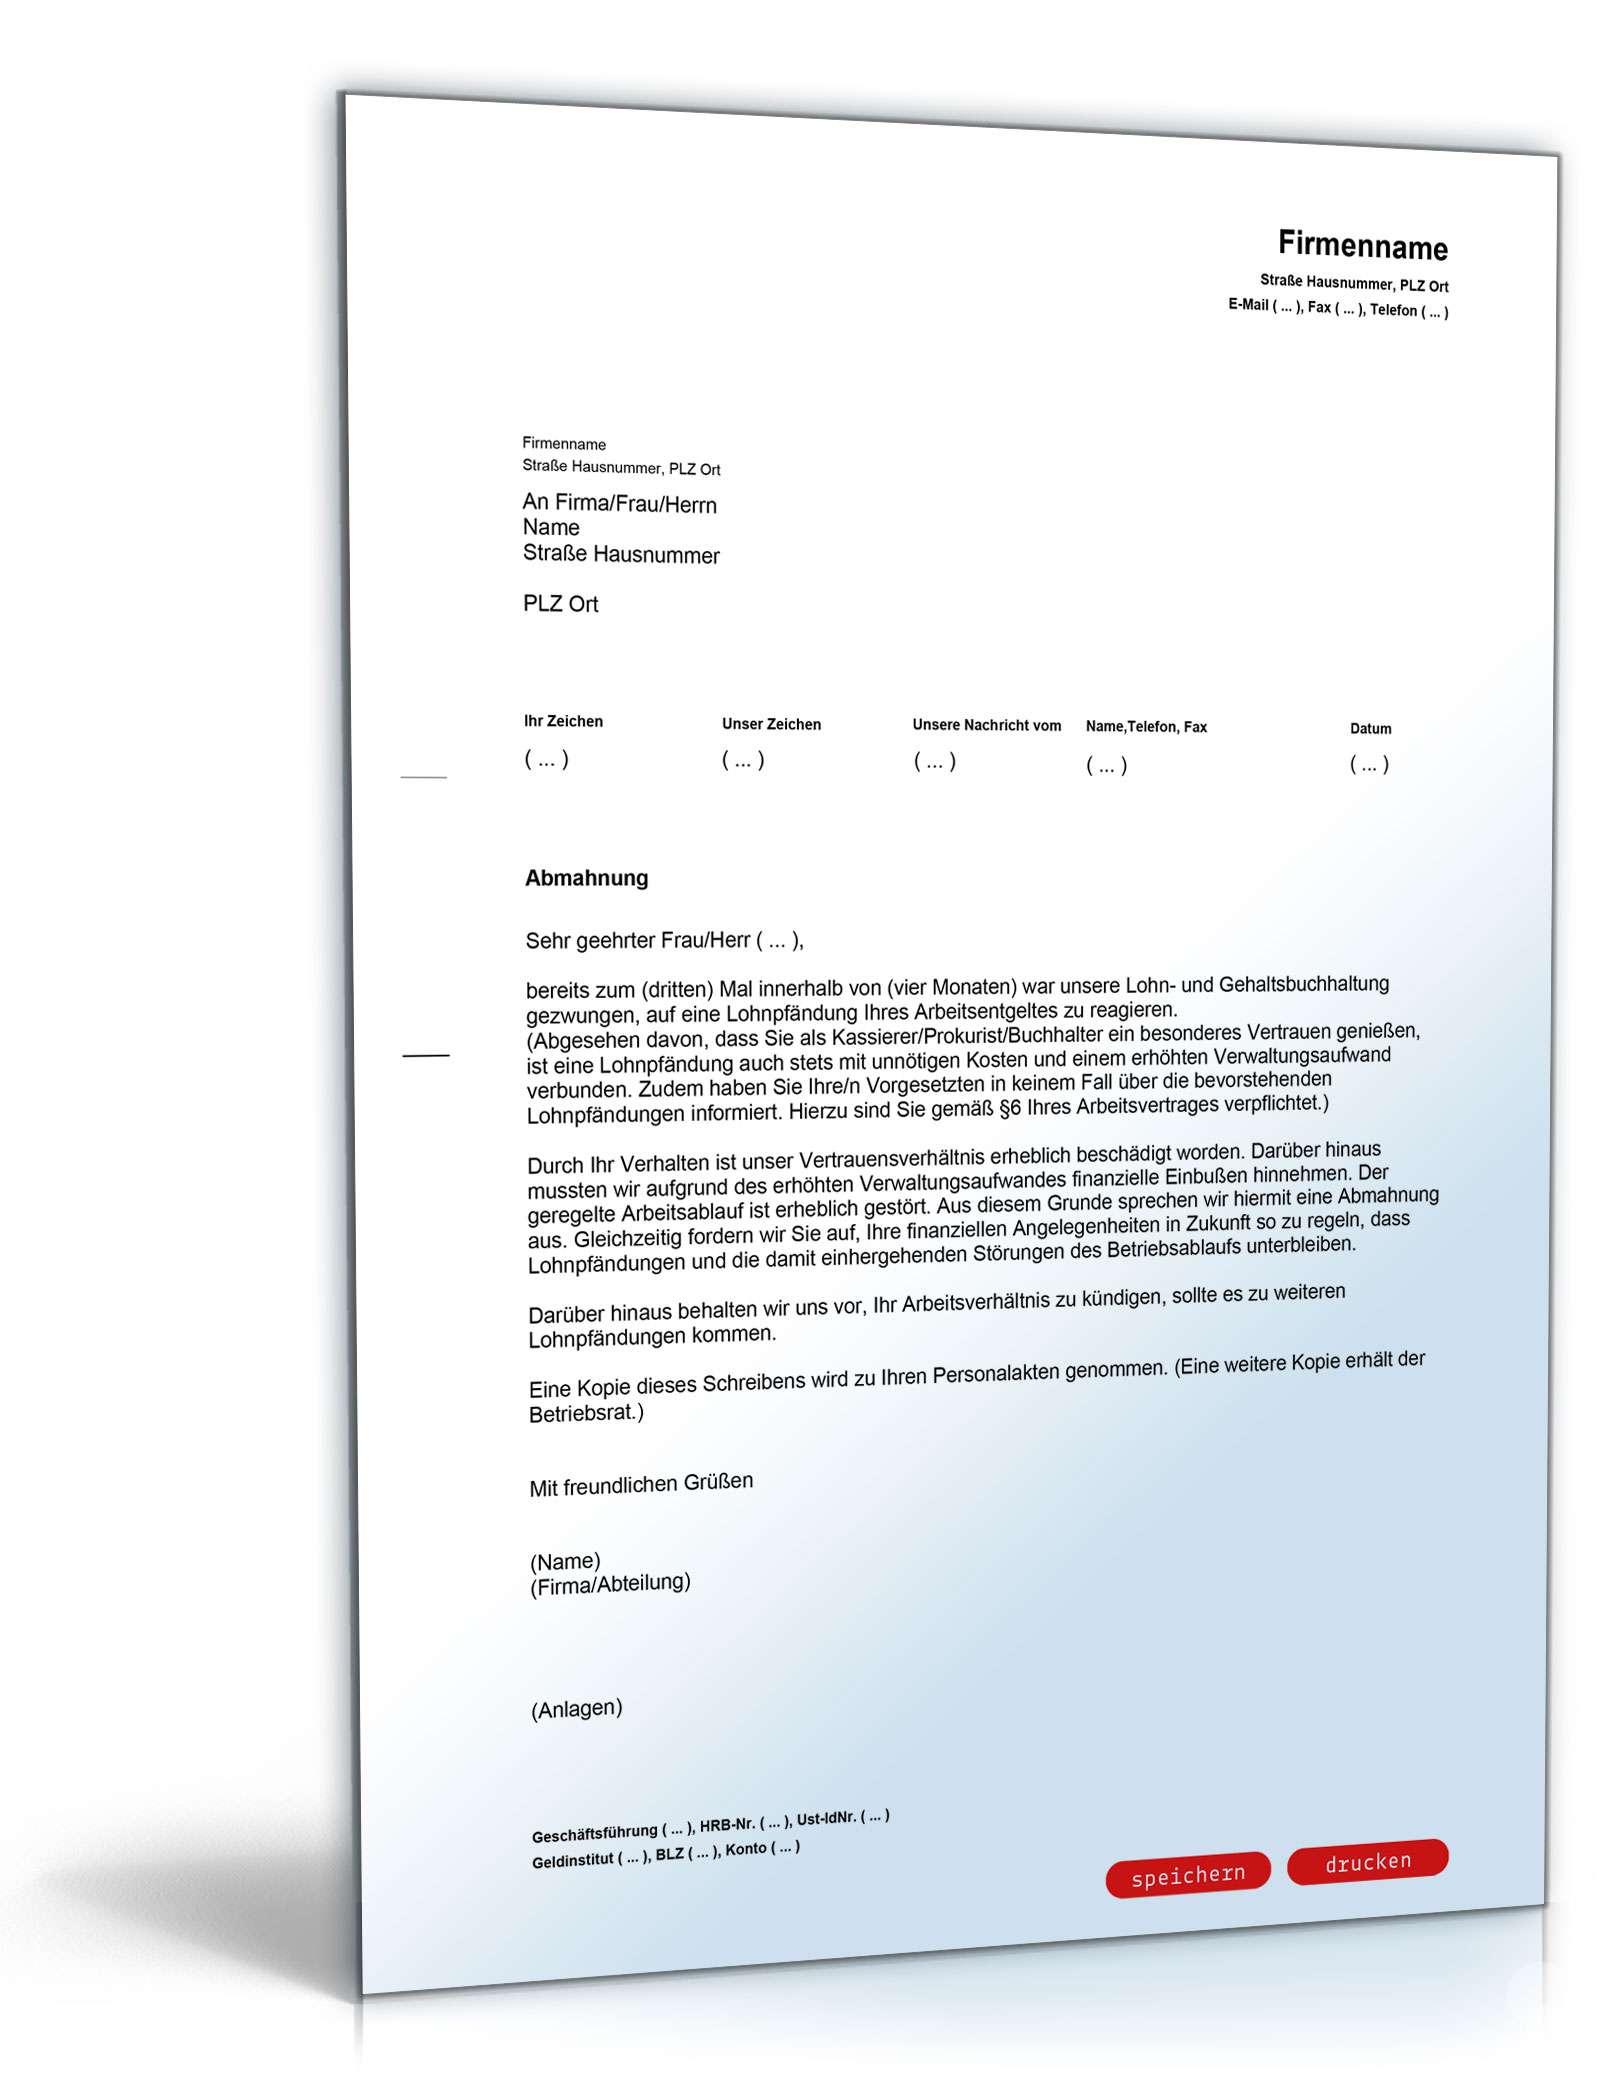 Abmahnung Wiederholte Lohnpfändungen Muster Zum Download